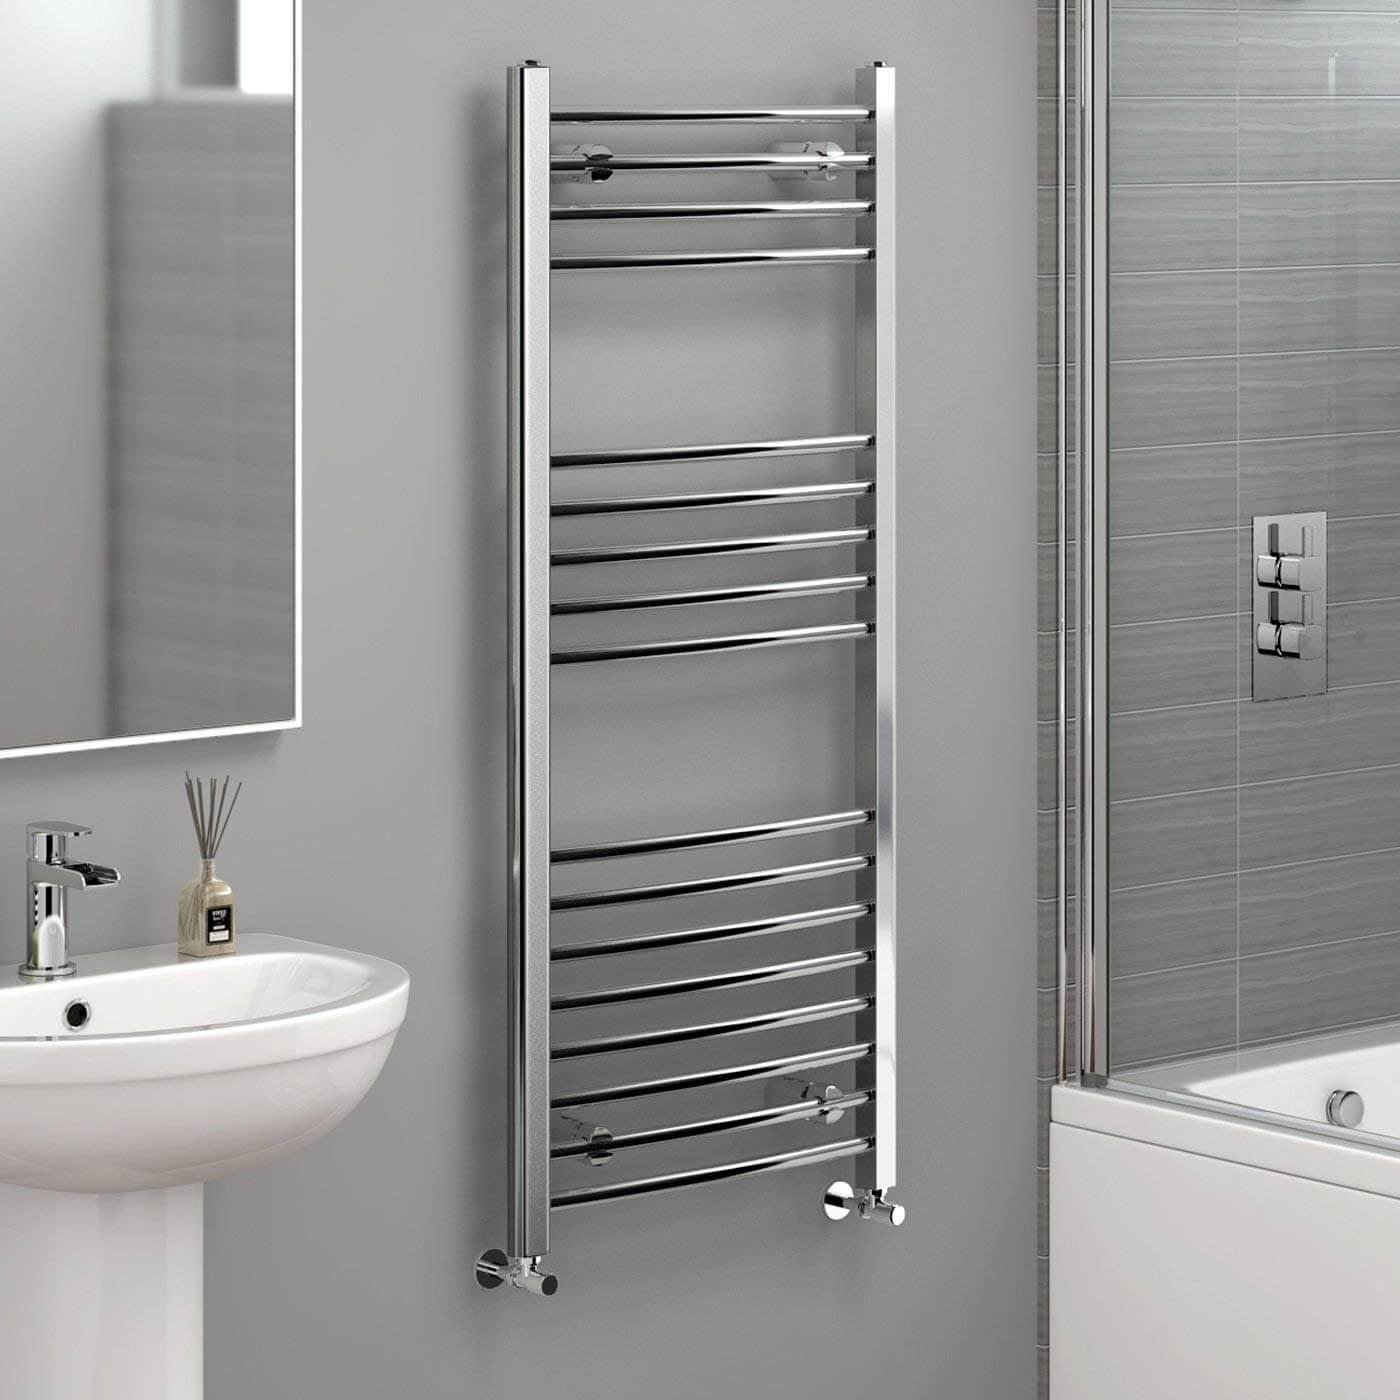 Best Bathroom Radiators For 2020 Heat Pump Source